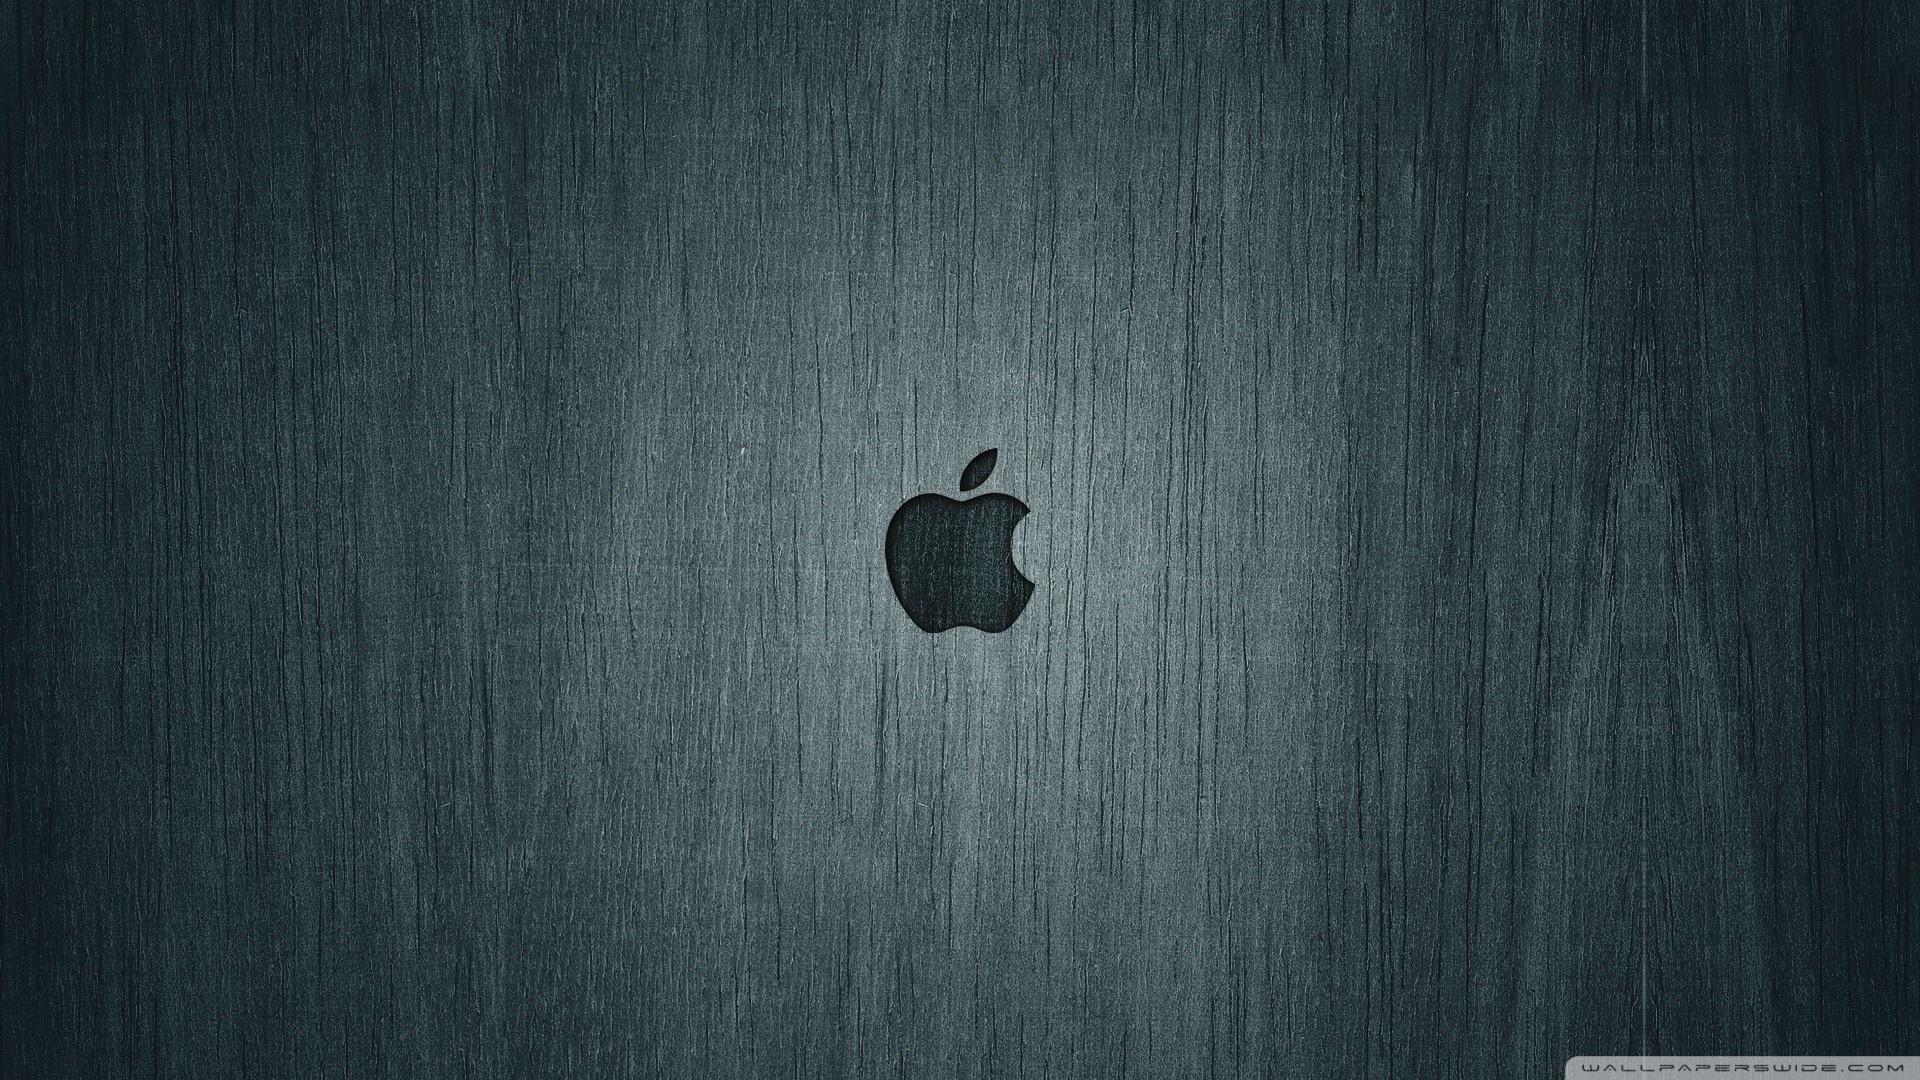 apple logo ❤ 4k hd desktop wallpaper for 4k ultra hd tv • wide